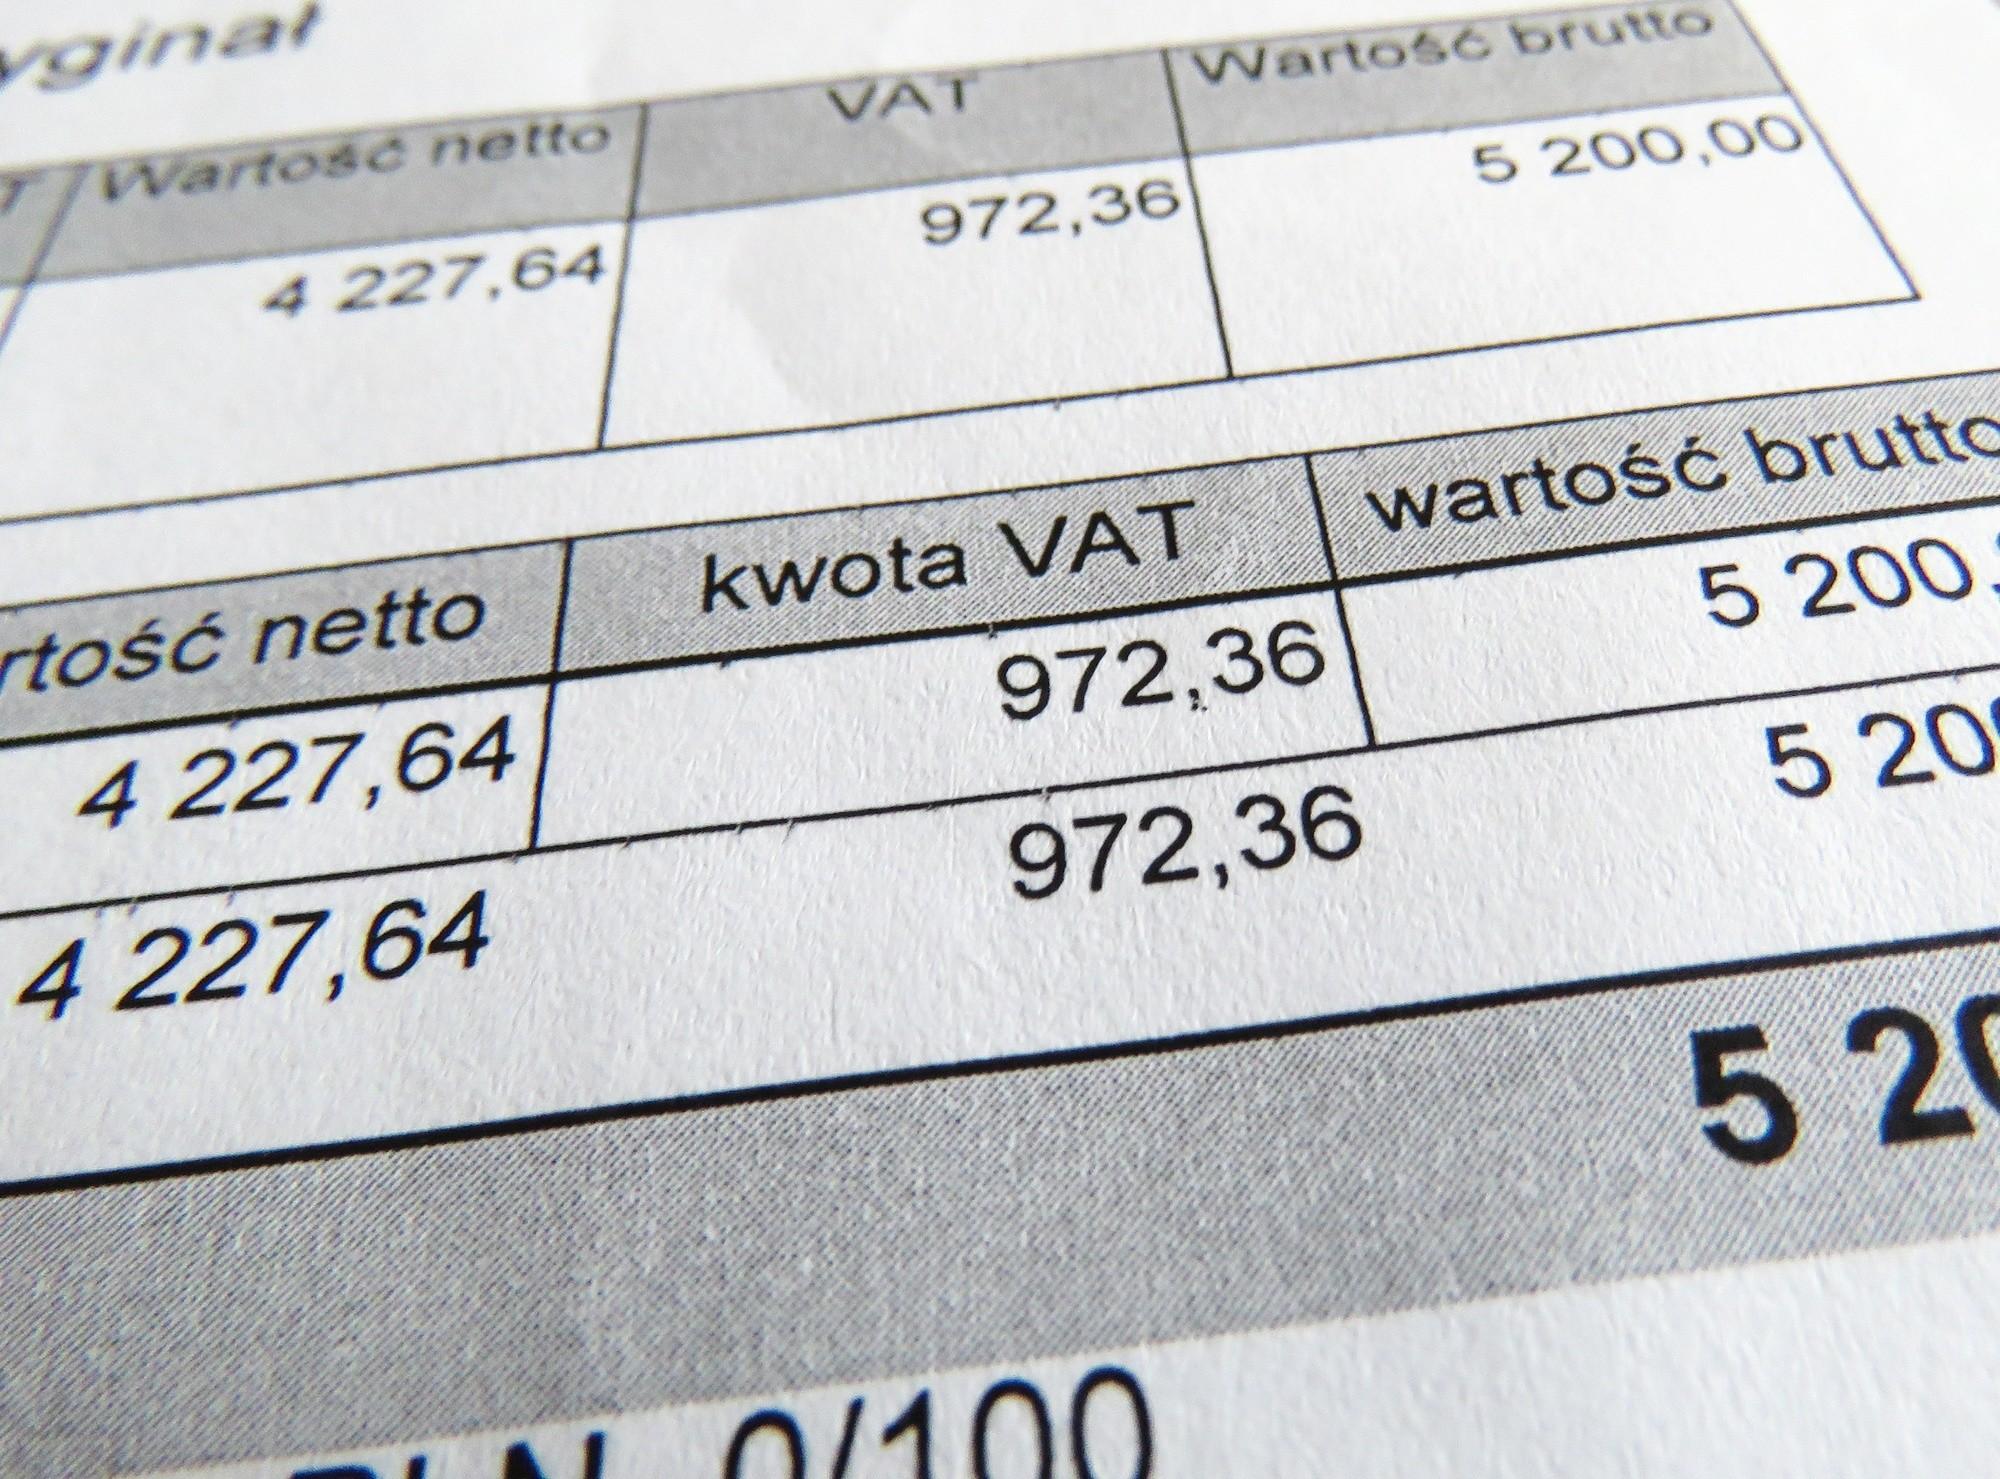 Fot. Tomasz Kawka/East News Katowice 18.08.2017 Faktura VAT